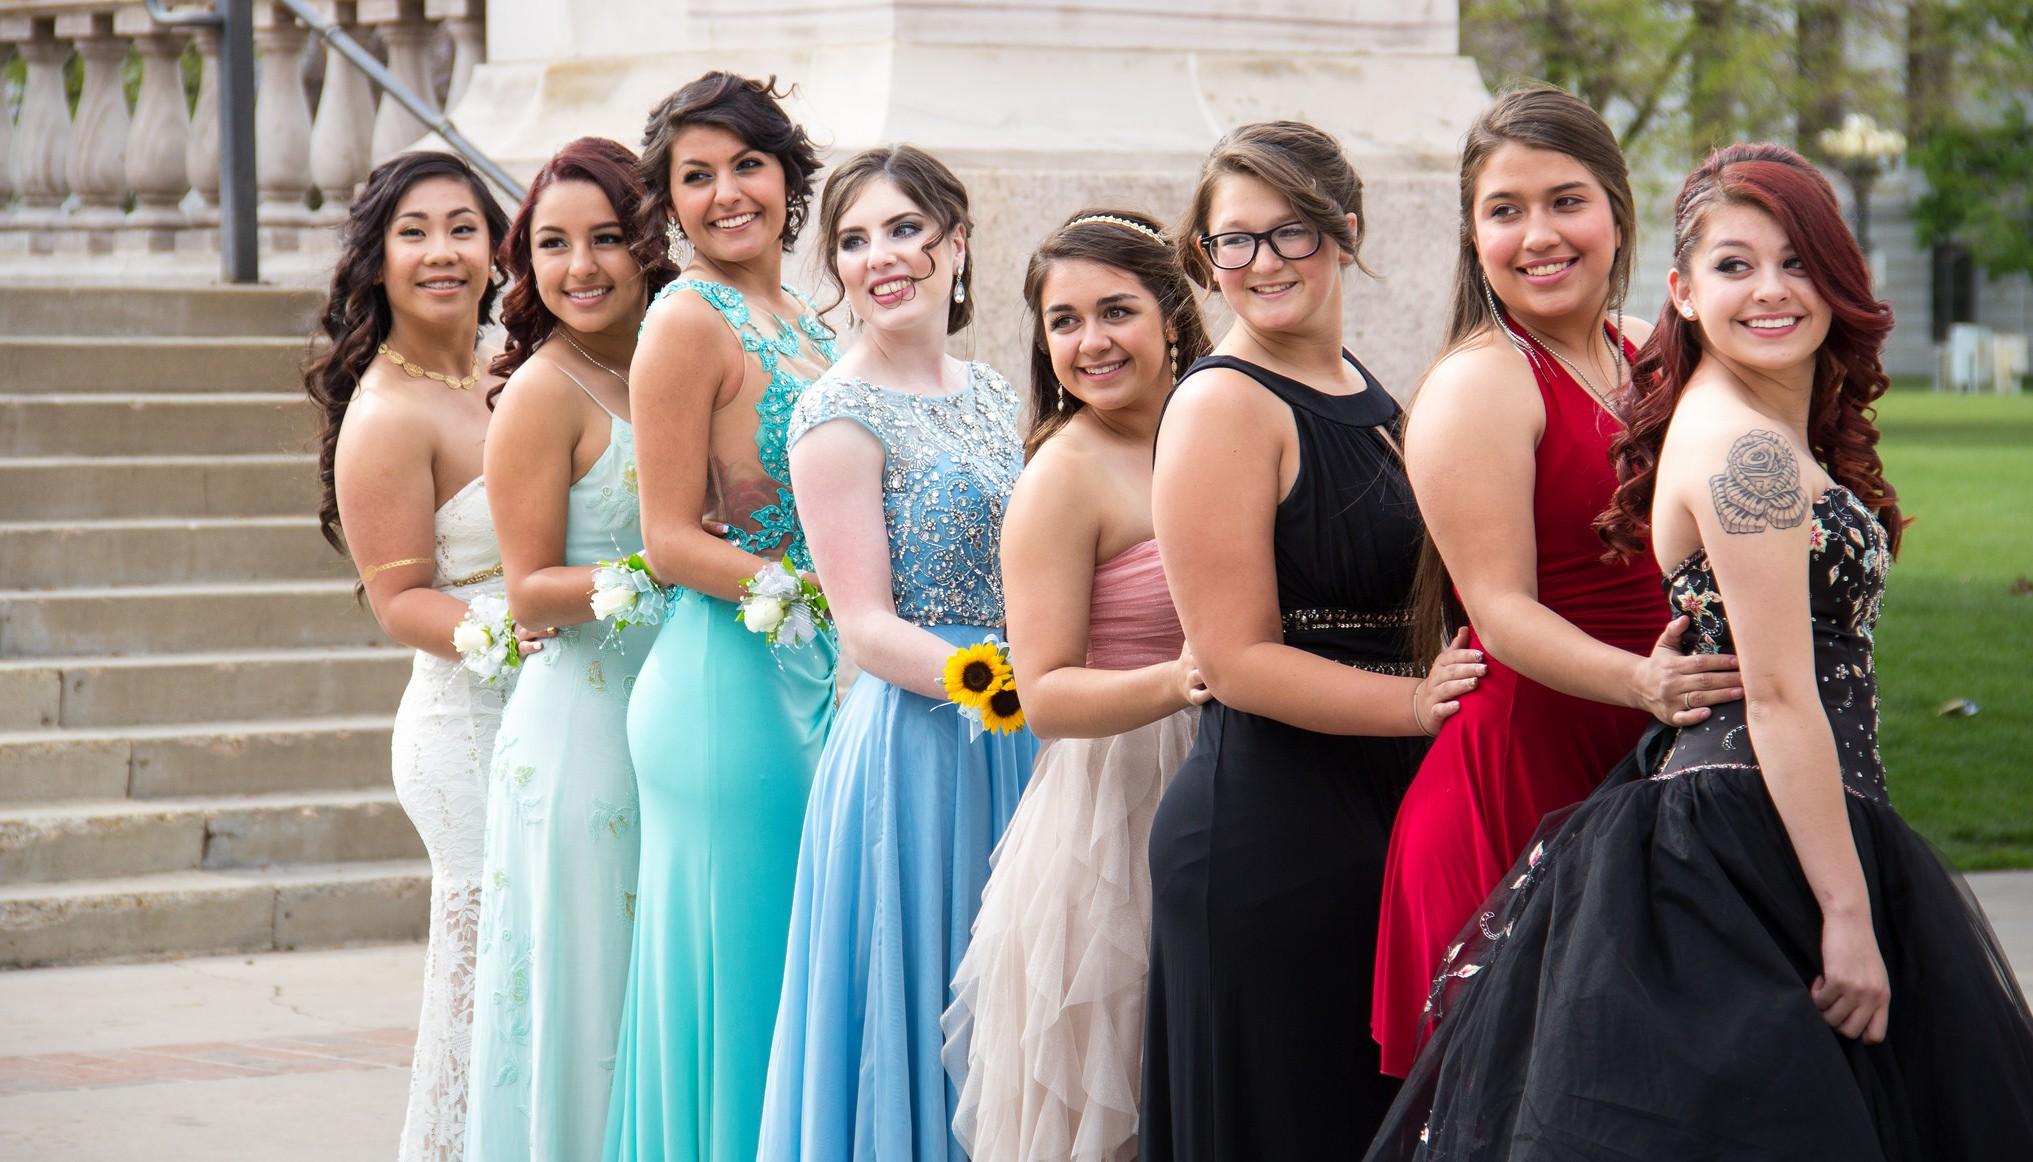 d2fa1443c08 Prom in America